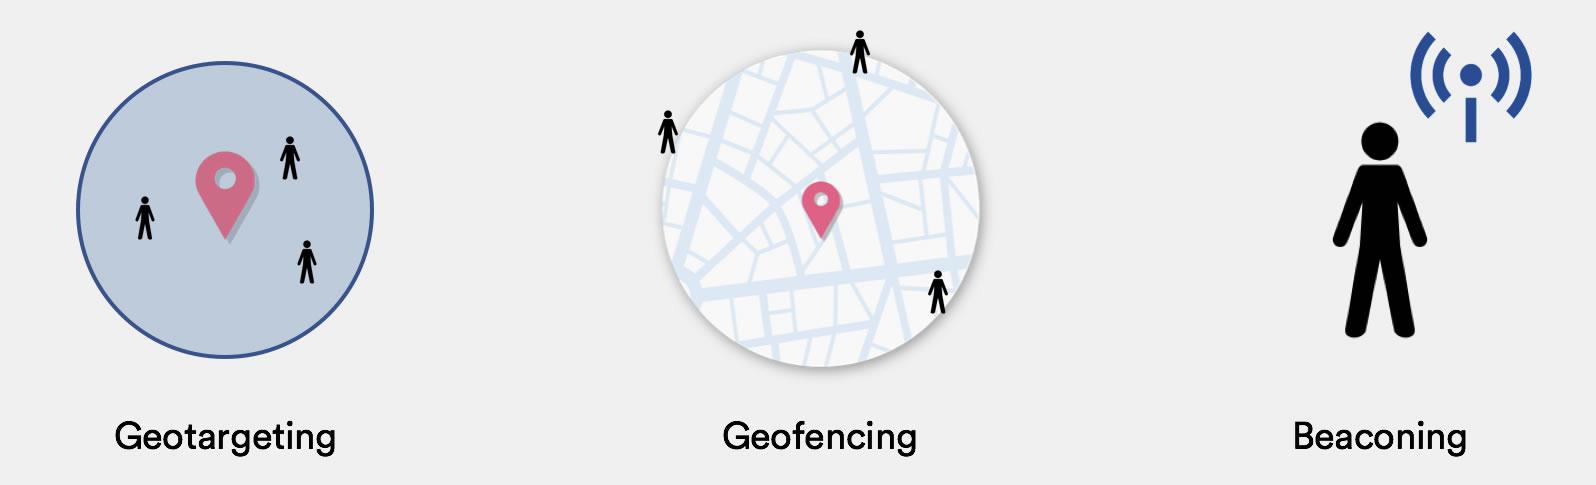 tipos de geolocalización